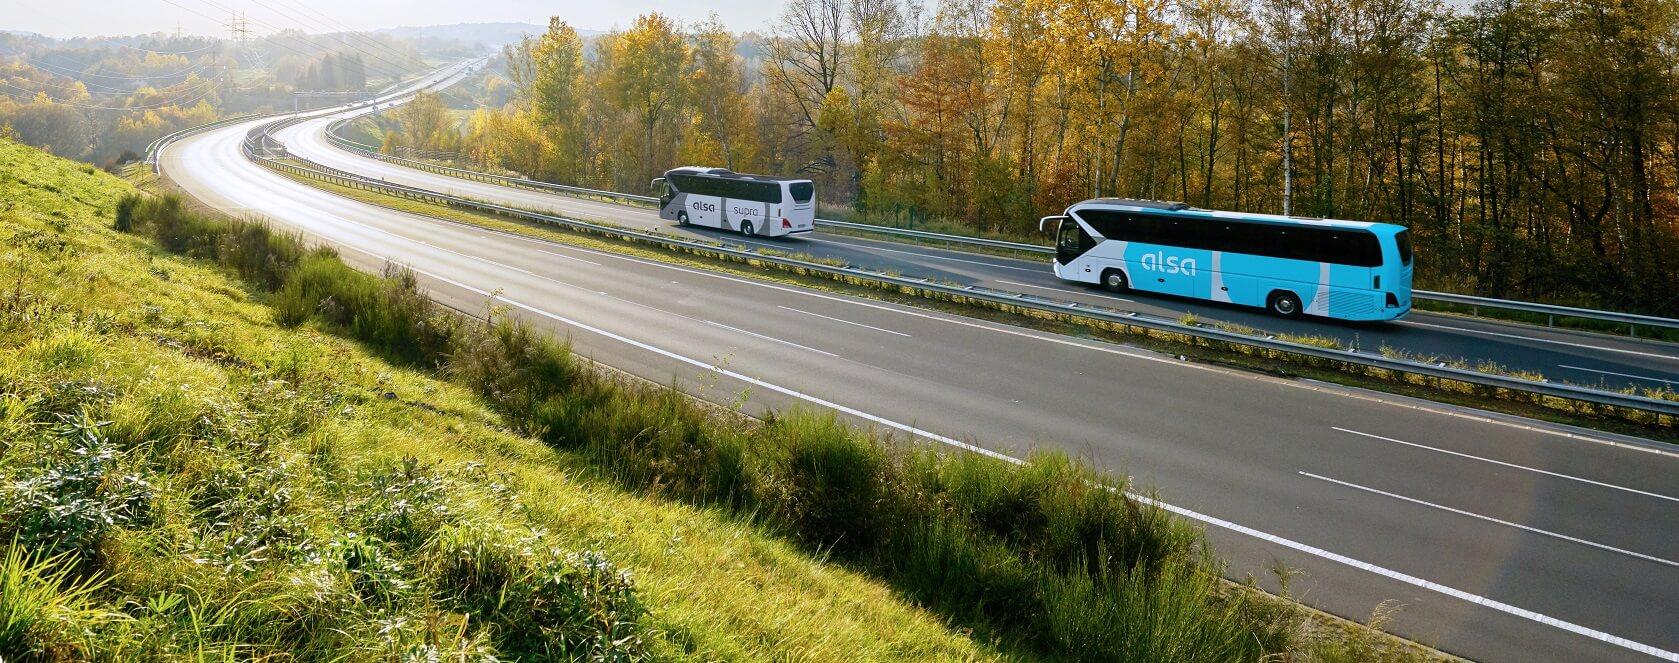 Alsa reanuda los servicios en autobús entre Barcelona y Ponferrada 1